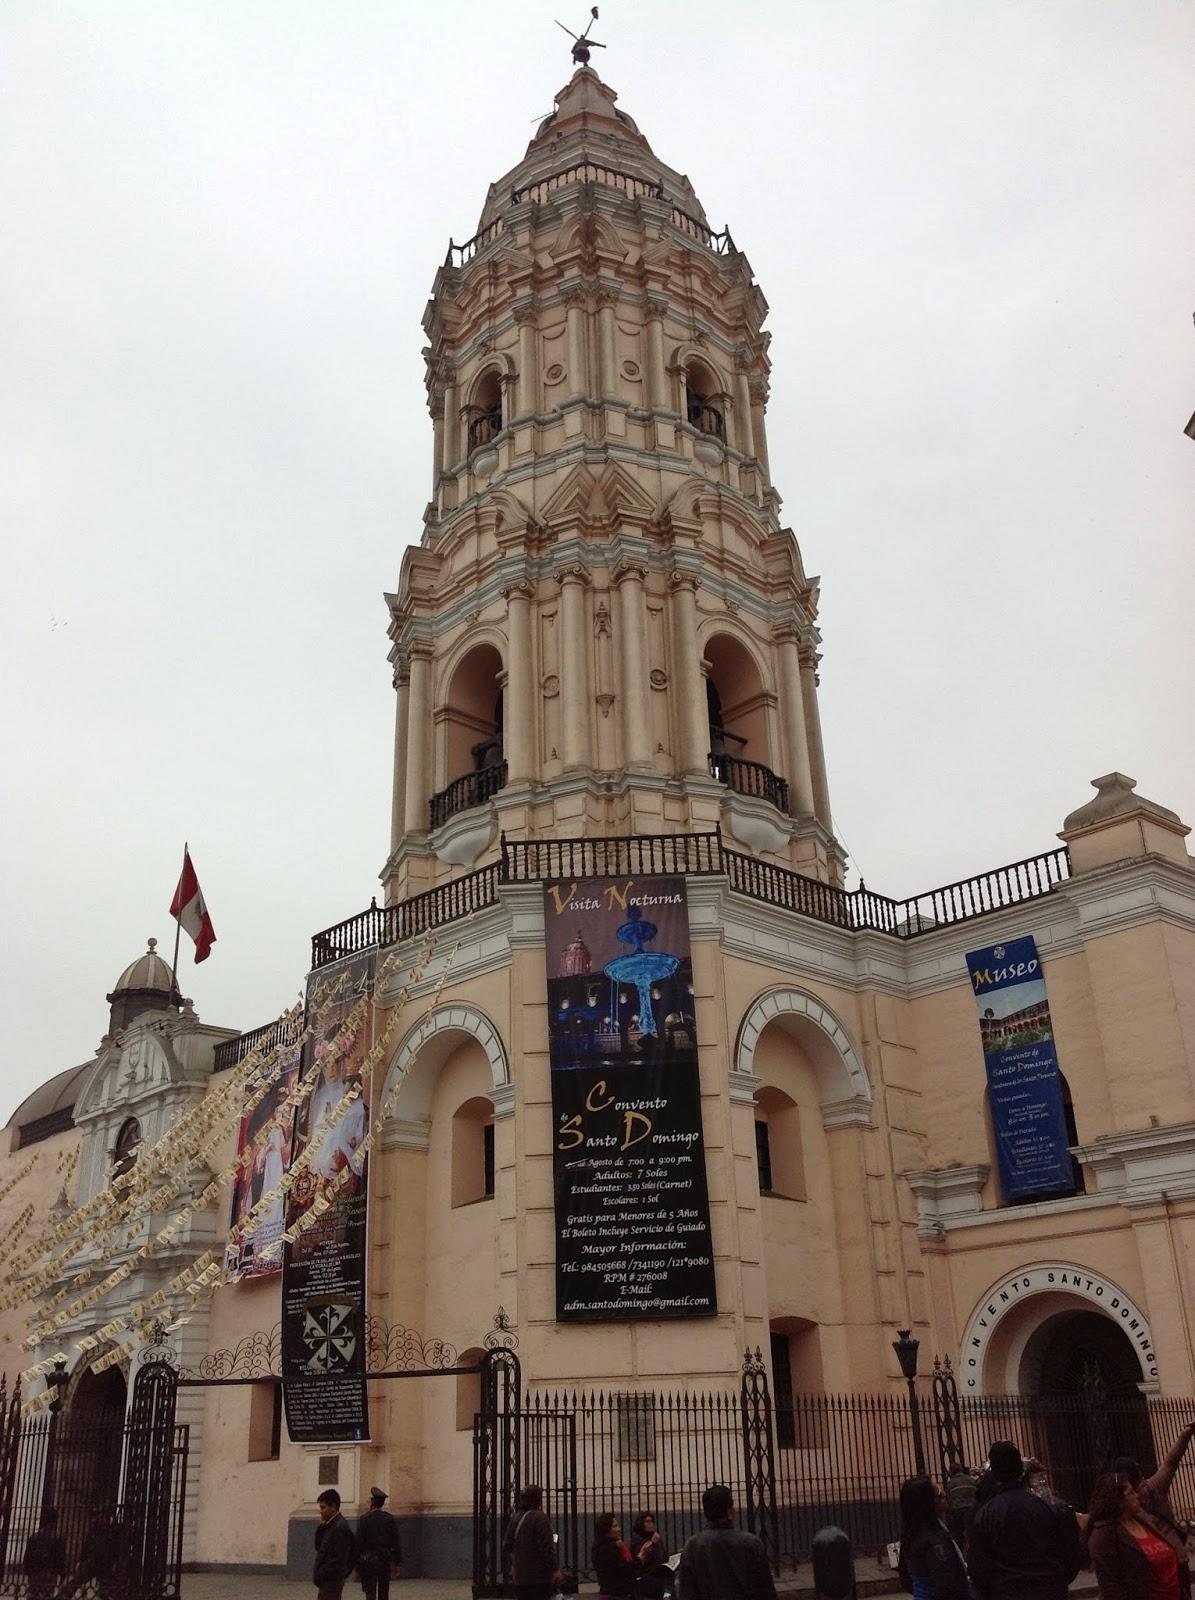 CONVENTO DE SANTO DOMINGO DE LIMA E PARQUE DA MURALHA - Peru, Lima